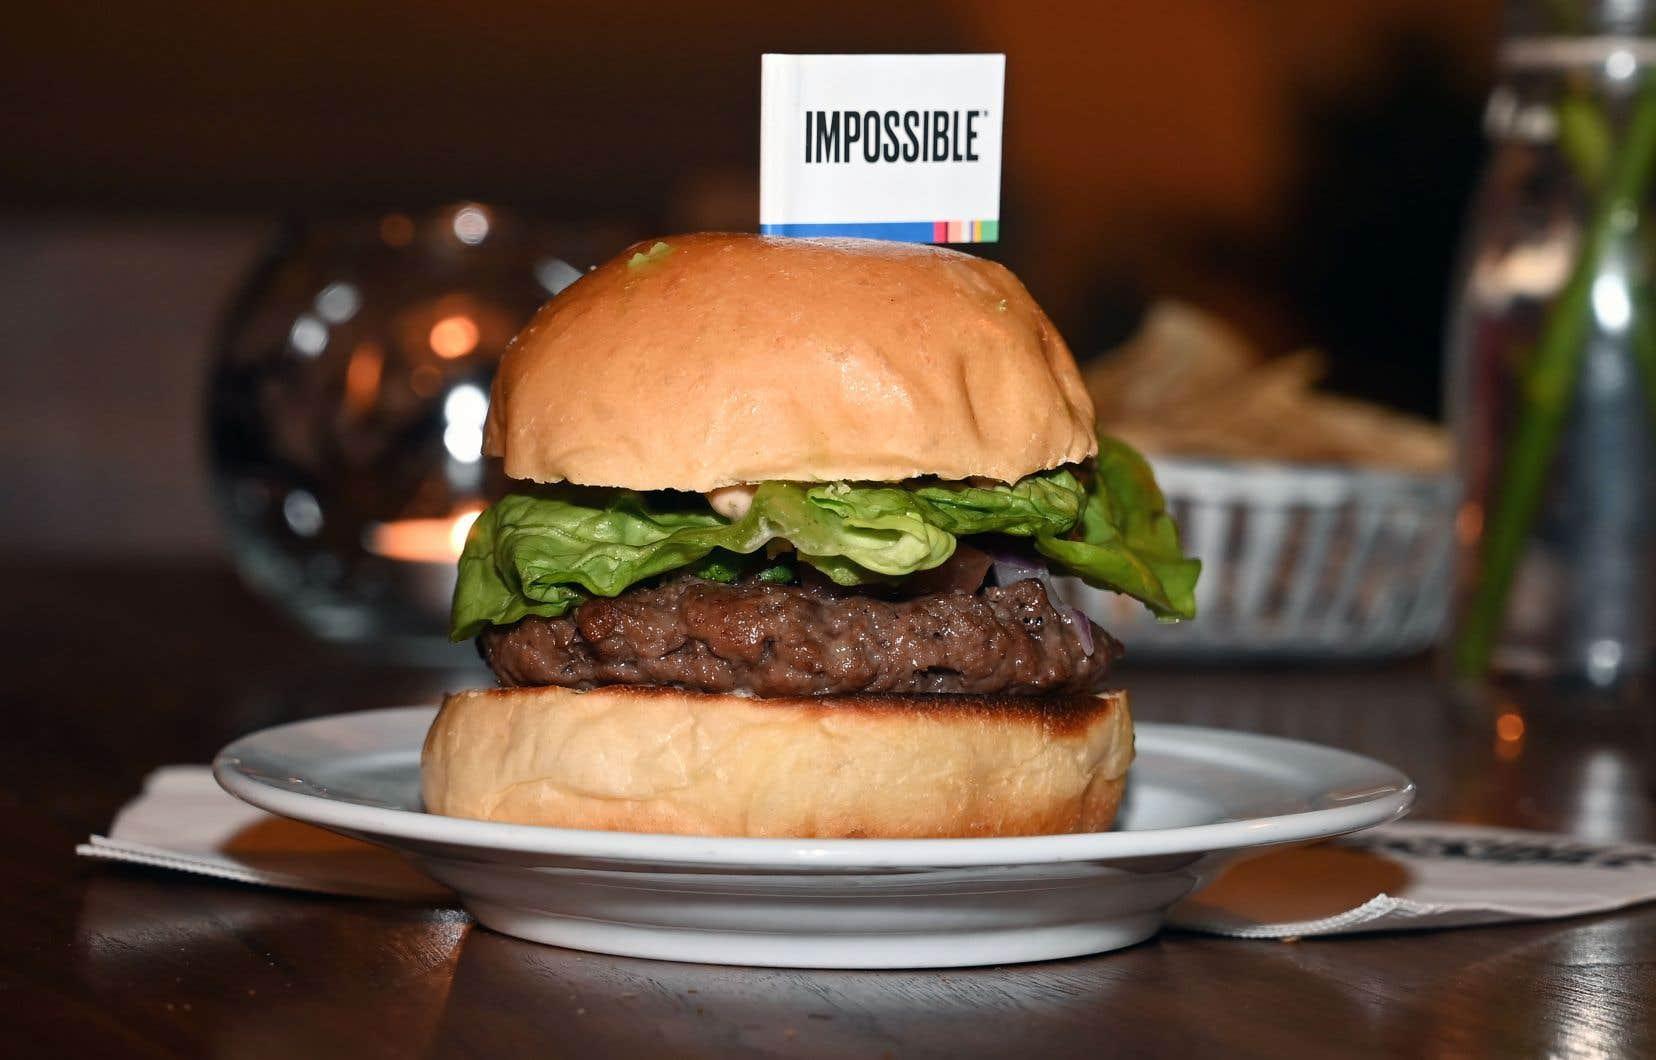 L'«Impossible Burger 2.0» a été présenté au Consumer Electronics Show de Las Vegas en janvier dernier. La galette, faite à partir d'ingrédients végétaux, imite le bœuf.